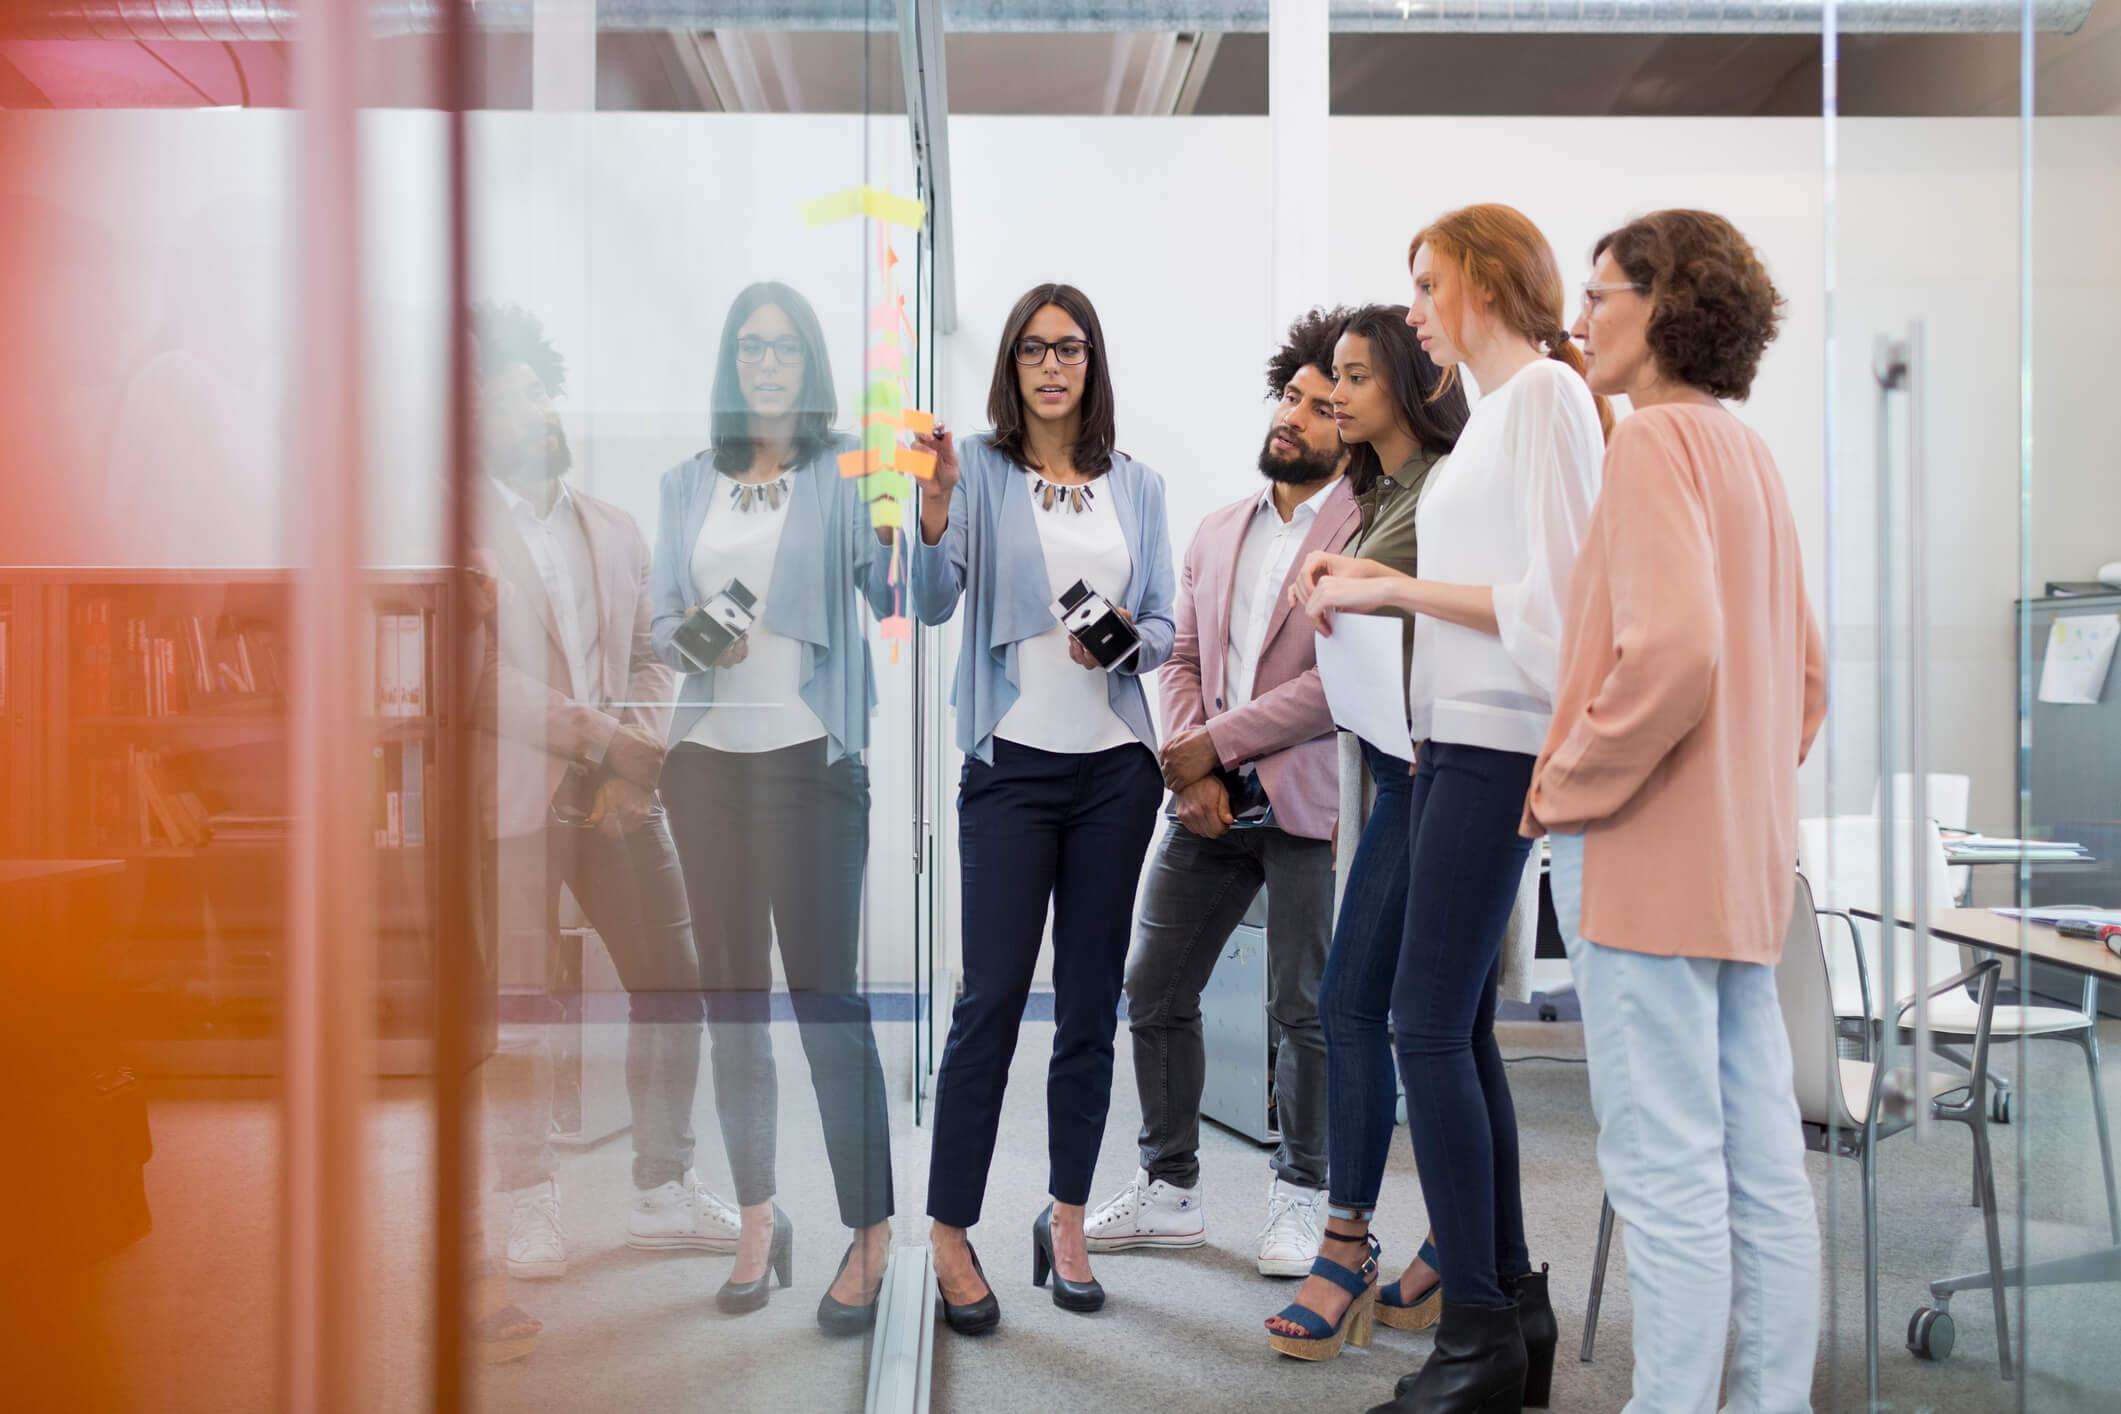 Como o endomarketing pode ajudar a empresa e os funcionários?